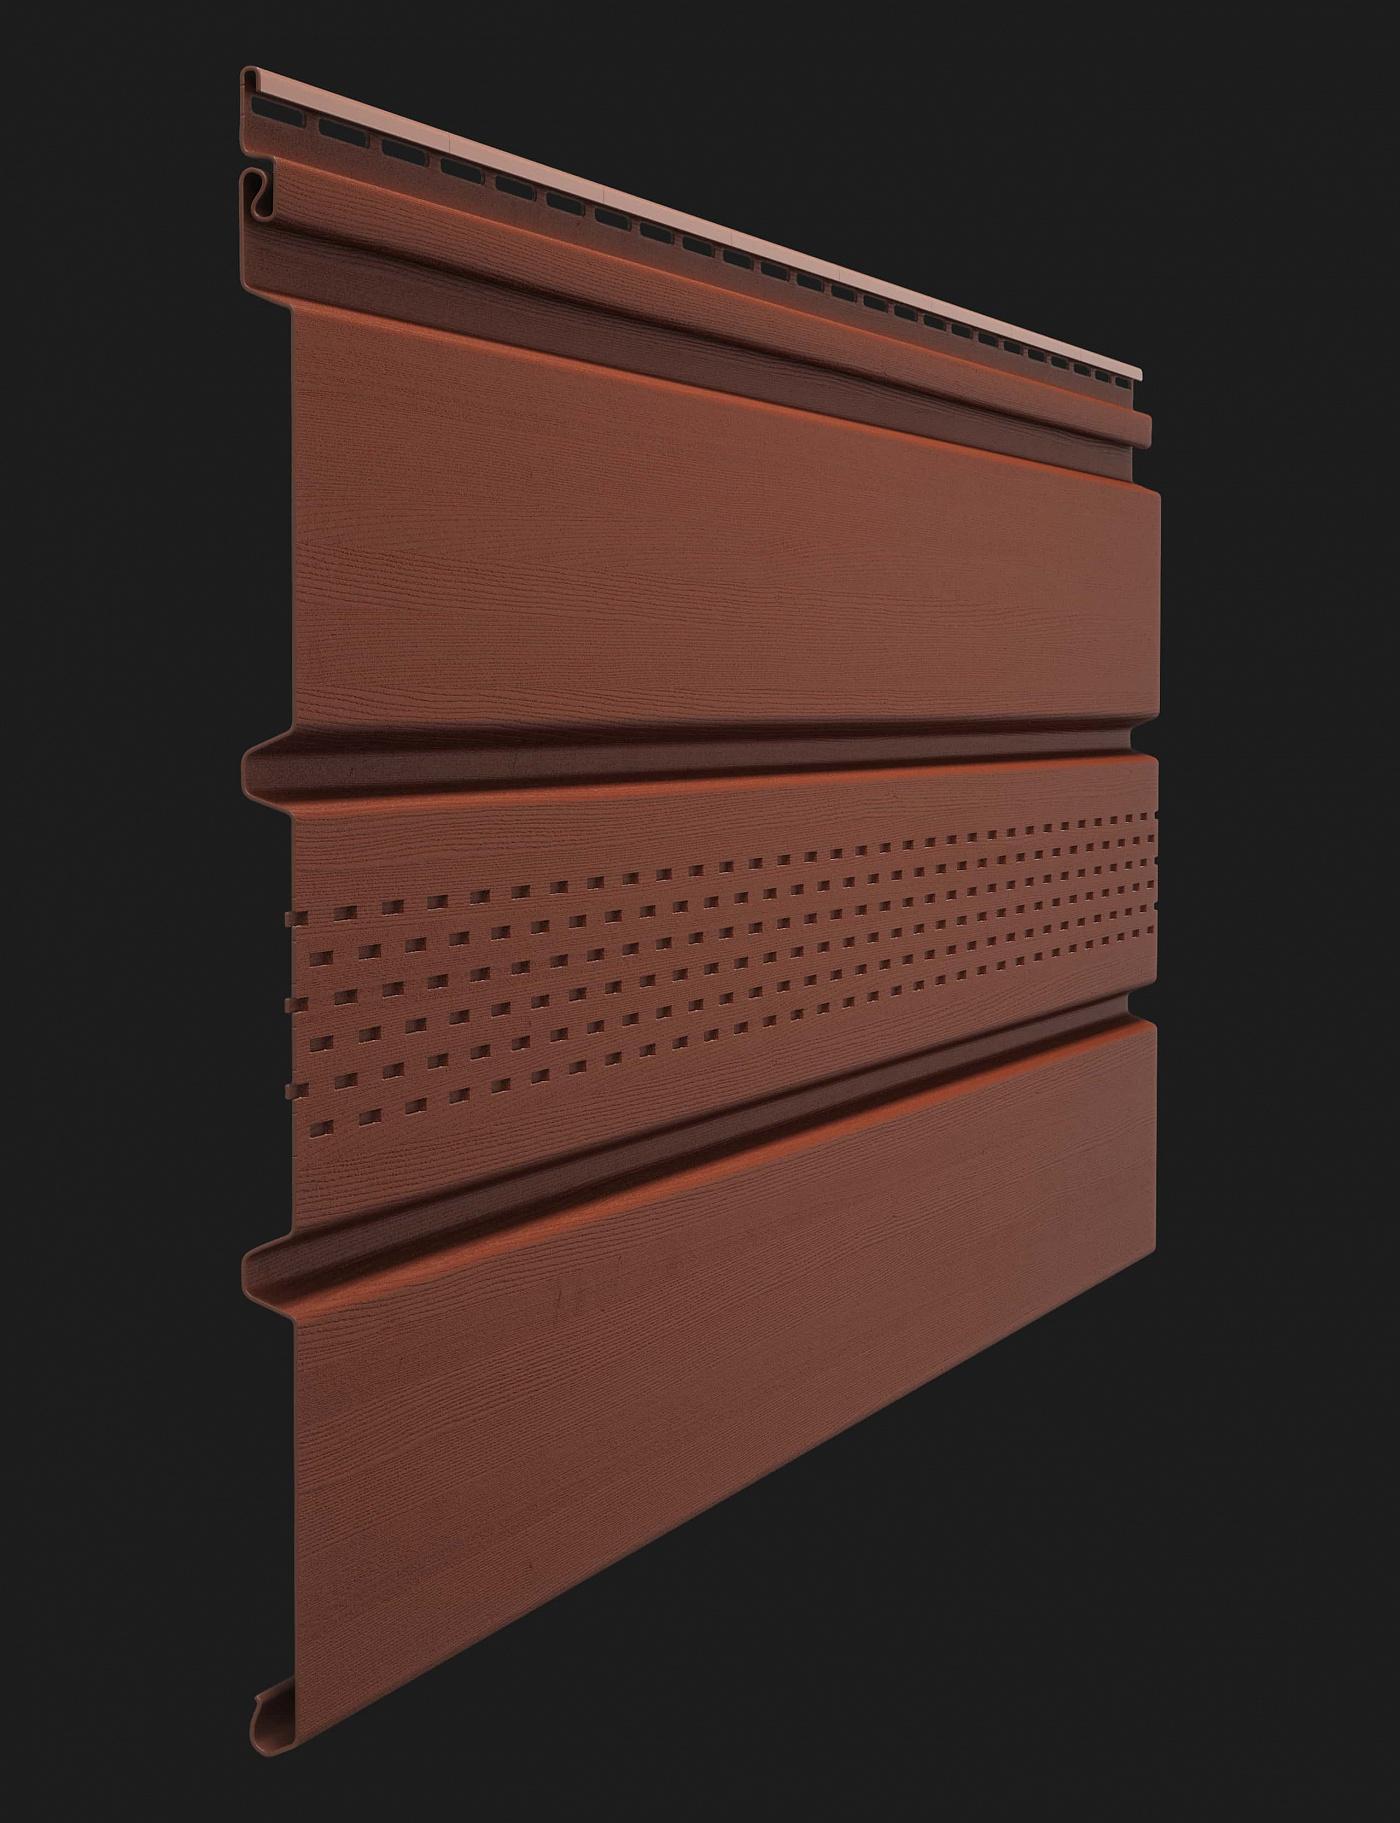 Софит виниловый Docke Premium T4 с центральной перфорацией 3000 мм Гранат